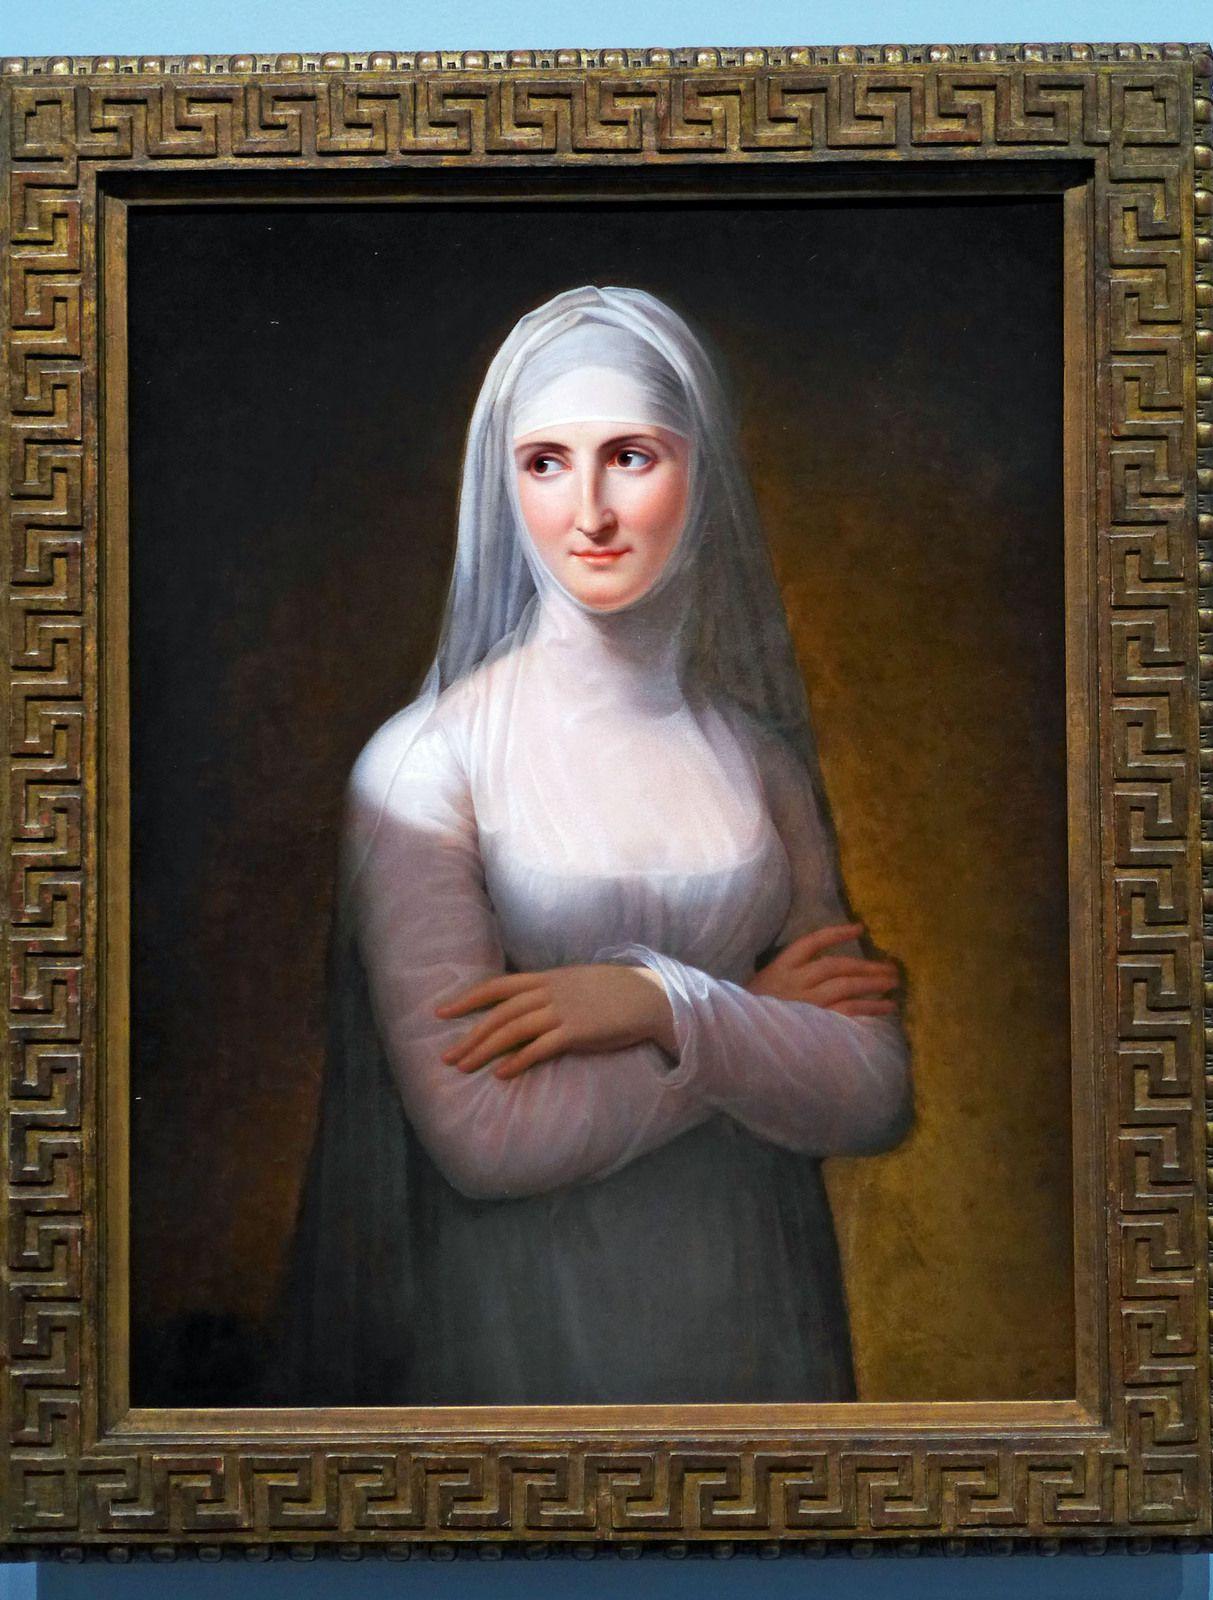 Jeanne-Elisabeth CHAUDET (1761-1832), portrait d'une dame en novice (1811), huile sur toile. France, Paris, galerie Michel-Descours.